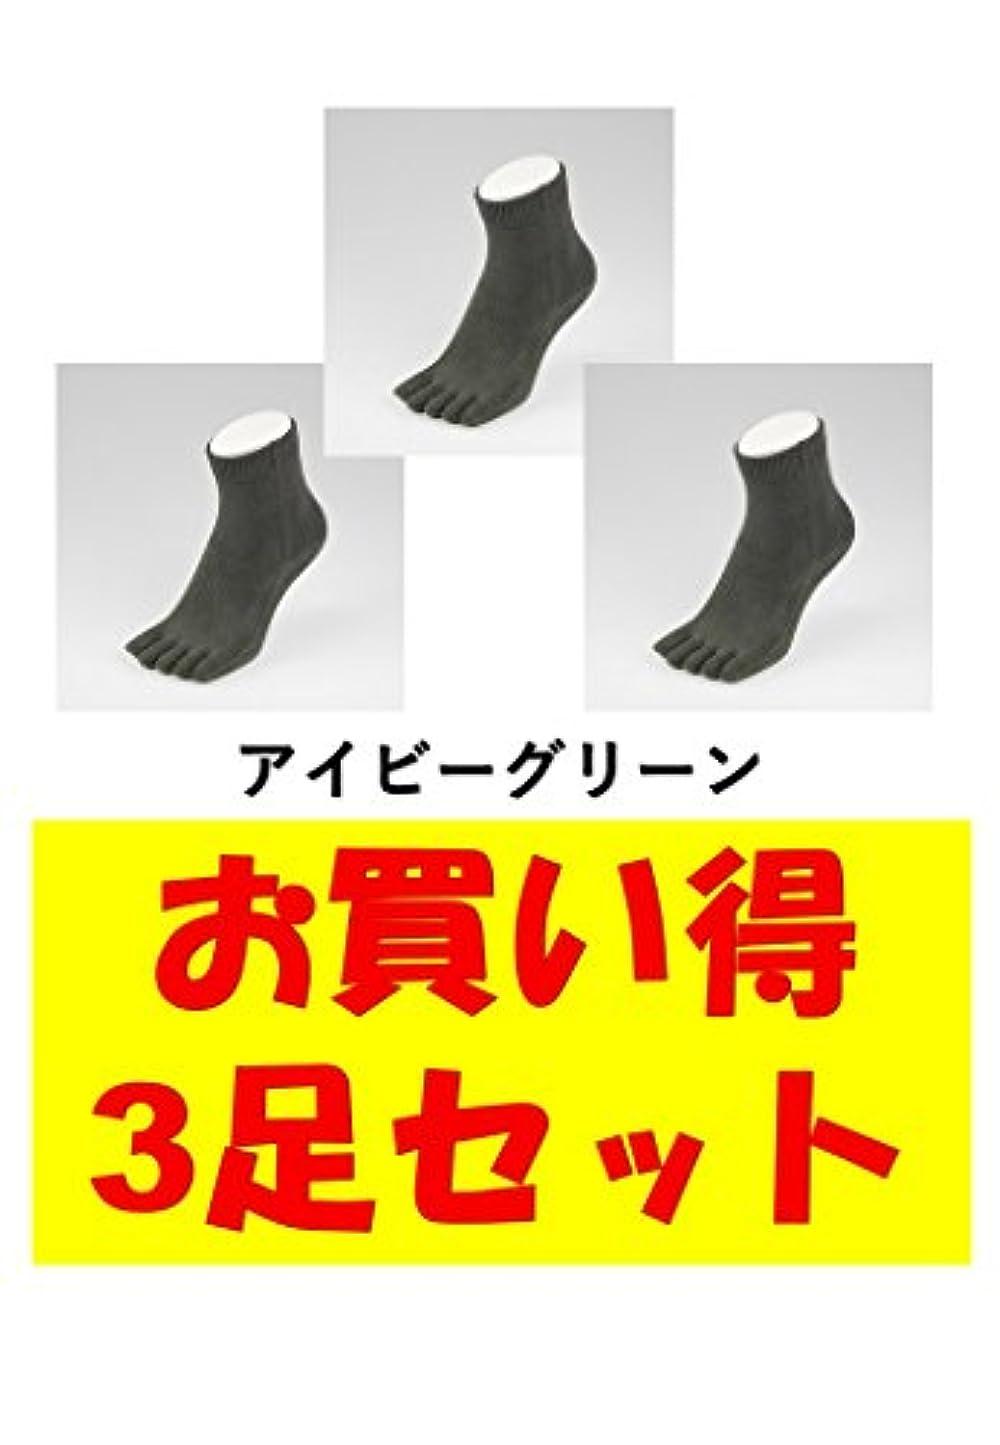 政治エリート蒸発お買い得3足セット 5本指 ゆびのばソックス Neo EVE(イヴ) アイビーグリーン iサイズ(23.5cm - 25.5cm) YSNEVE-IGR